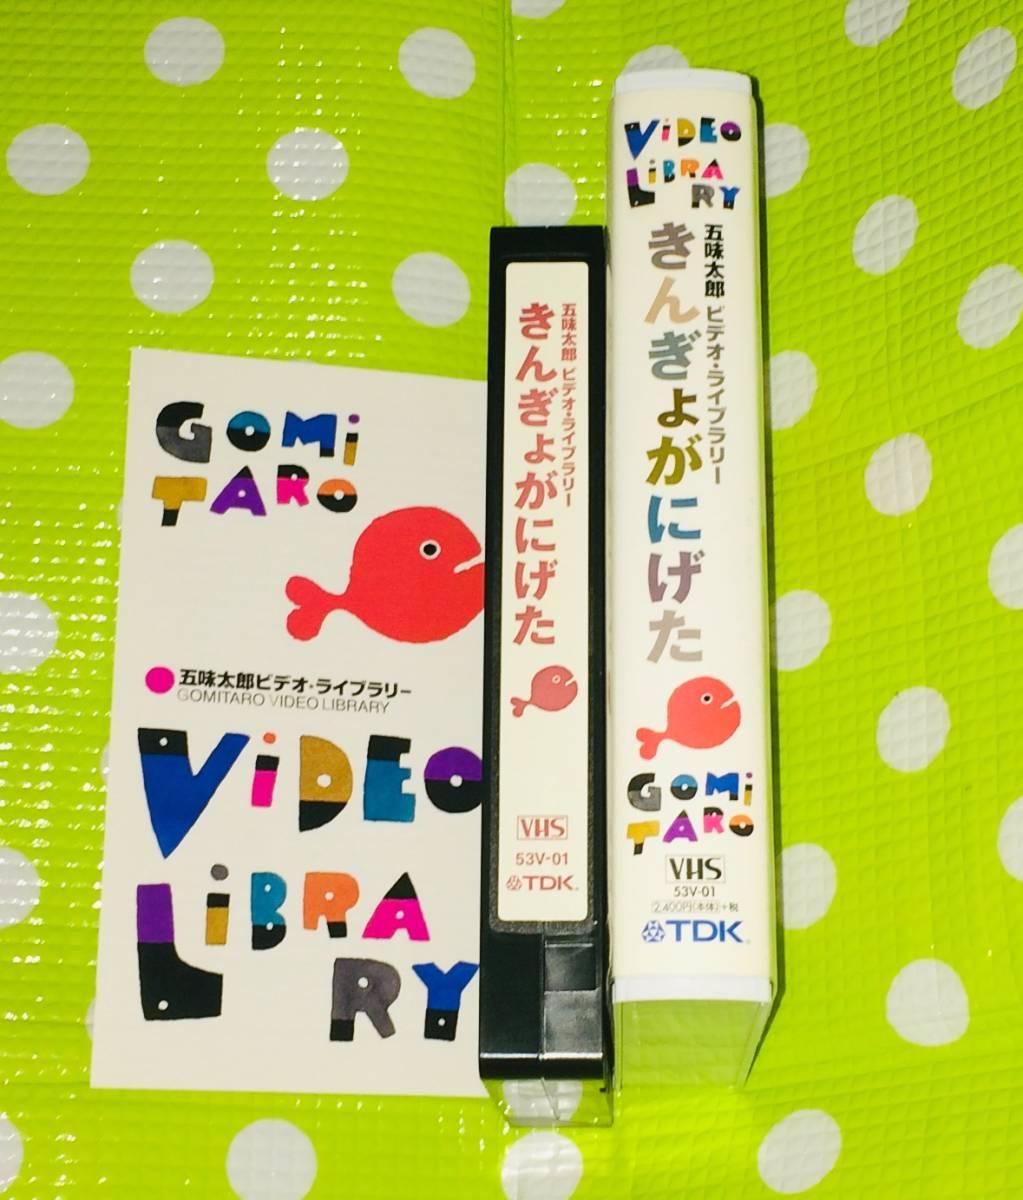 即決〈同梱歓迎〉VHS 五味太郎ビデオ・ライブラリー 冊子付 きんぎょがにげた◎その他ビデオDVD多数出品中∞5165_画像2